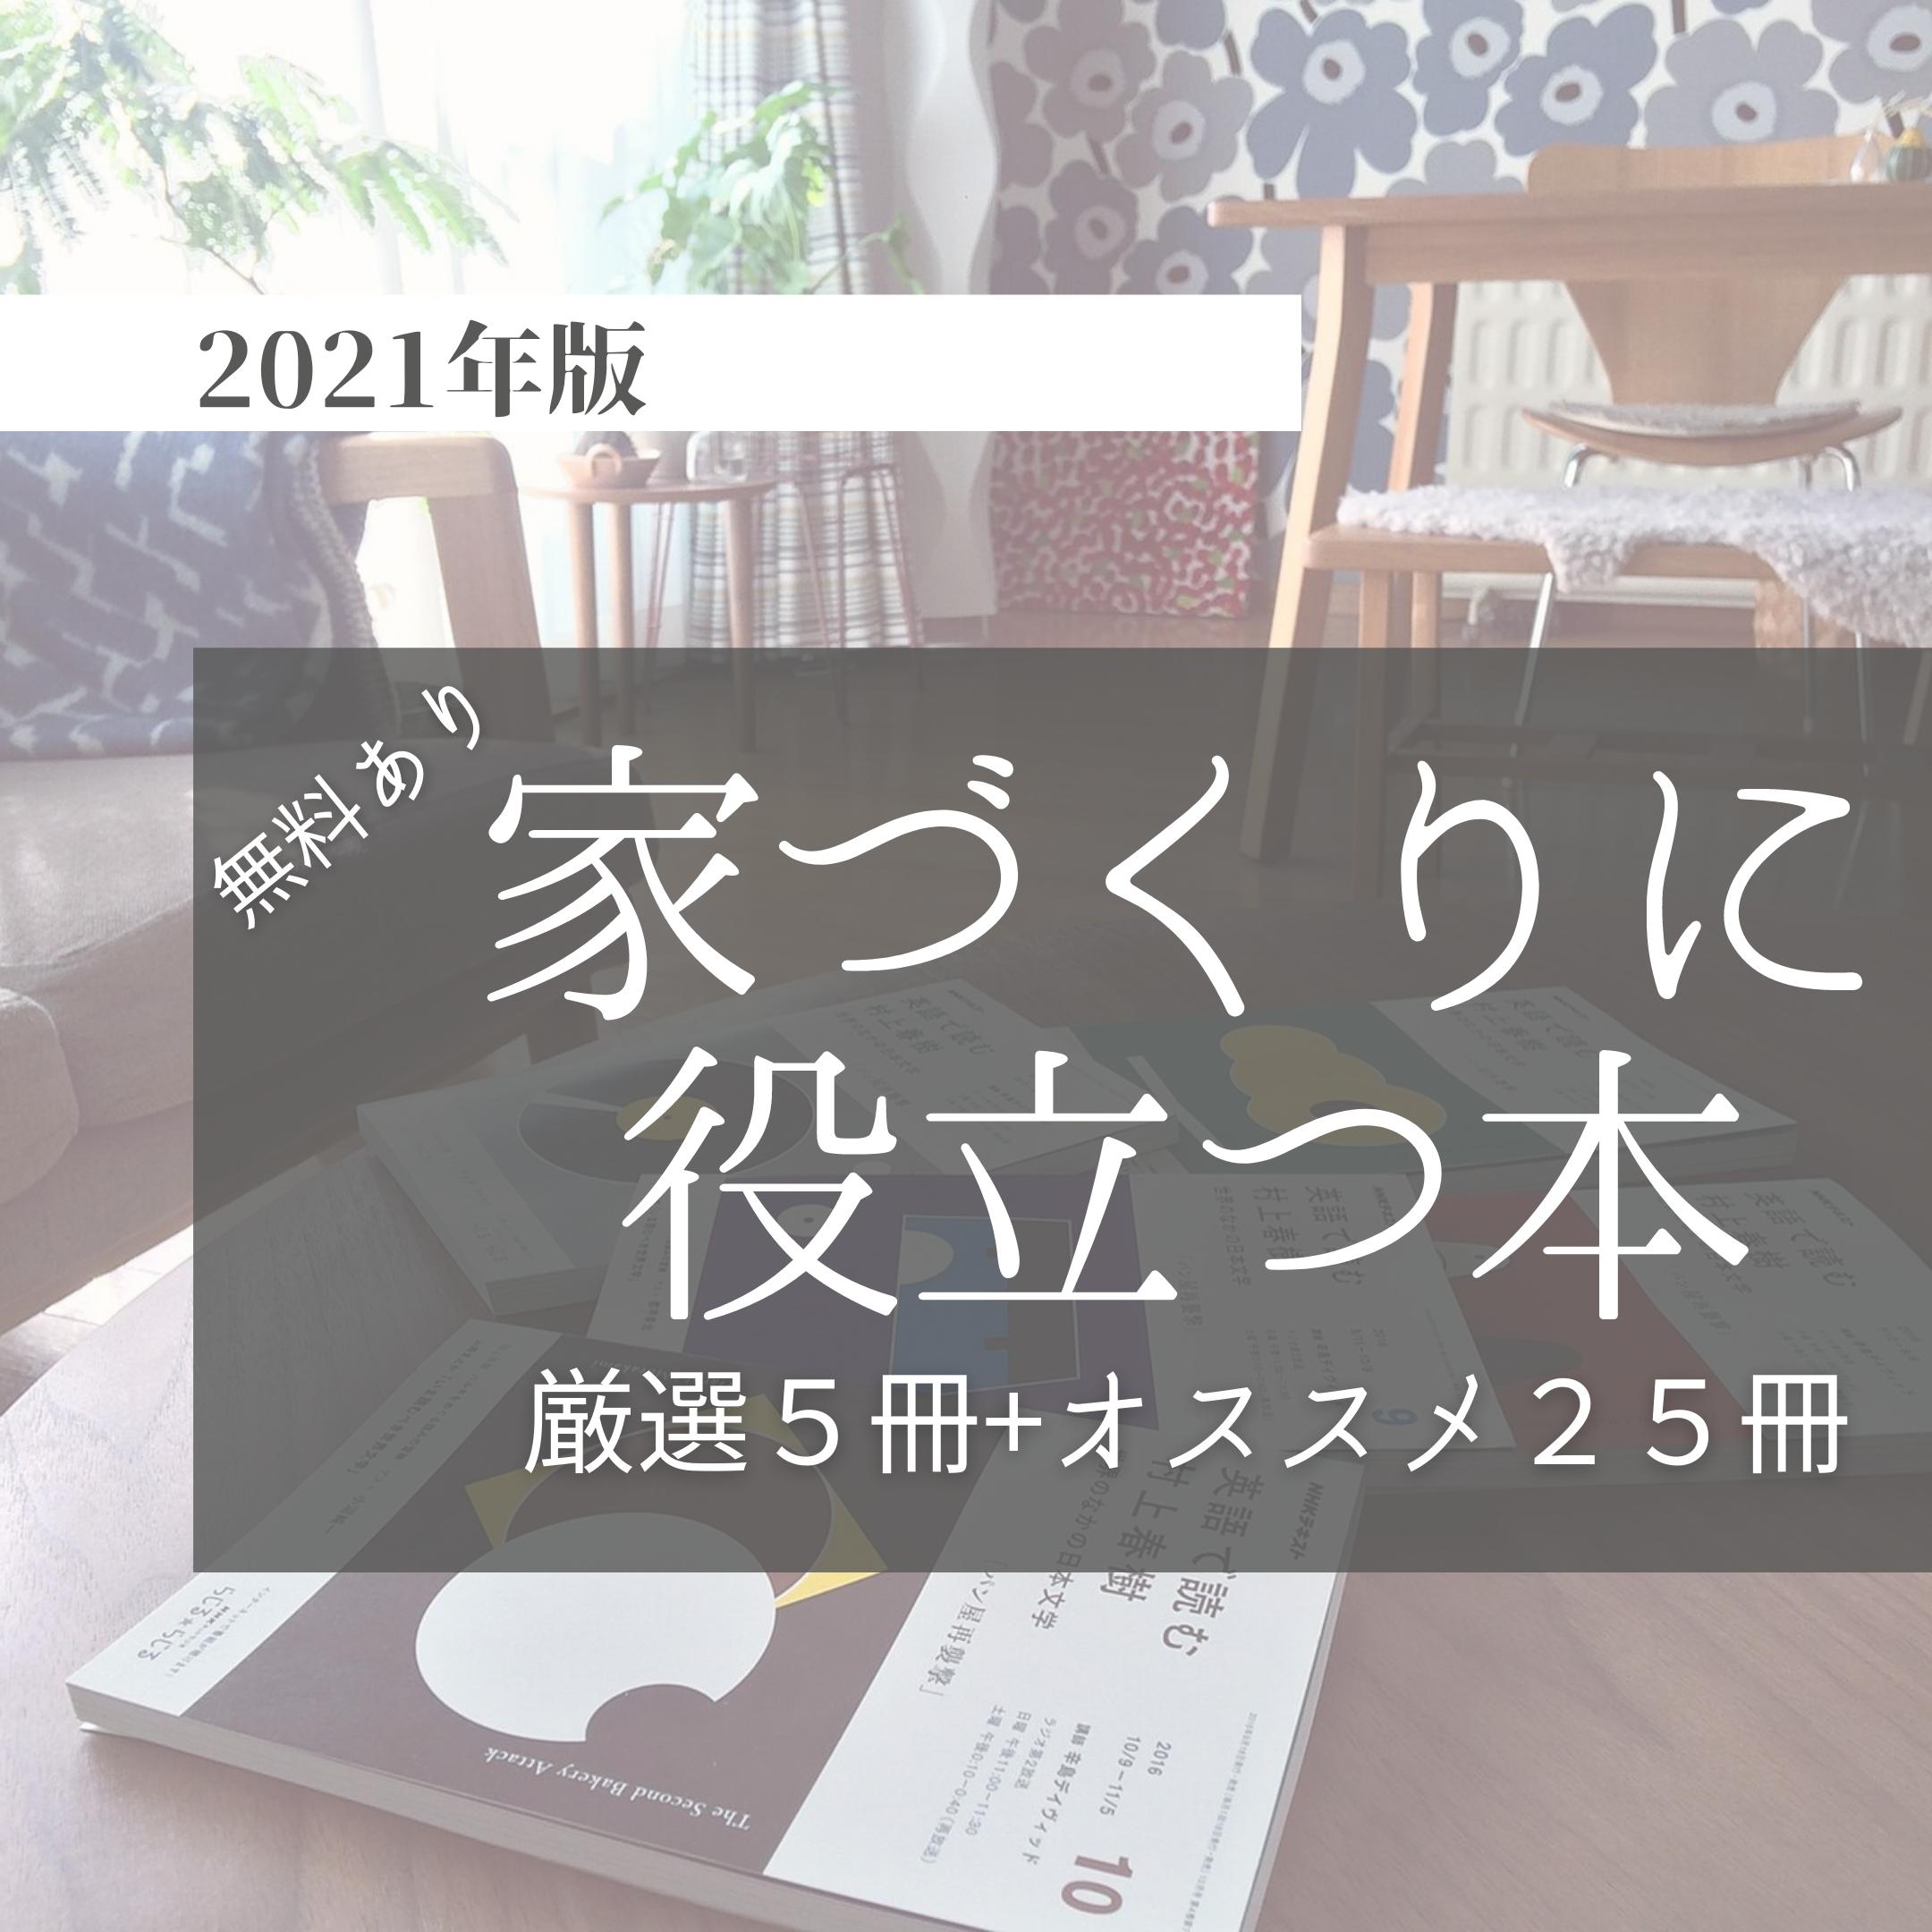 【家づくり本2021年】厳選5冊+お勧め25冊|無料マイホーム本あり